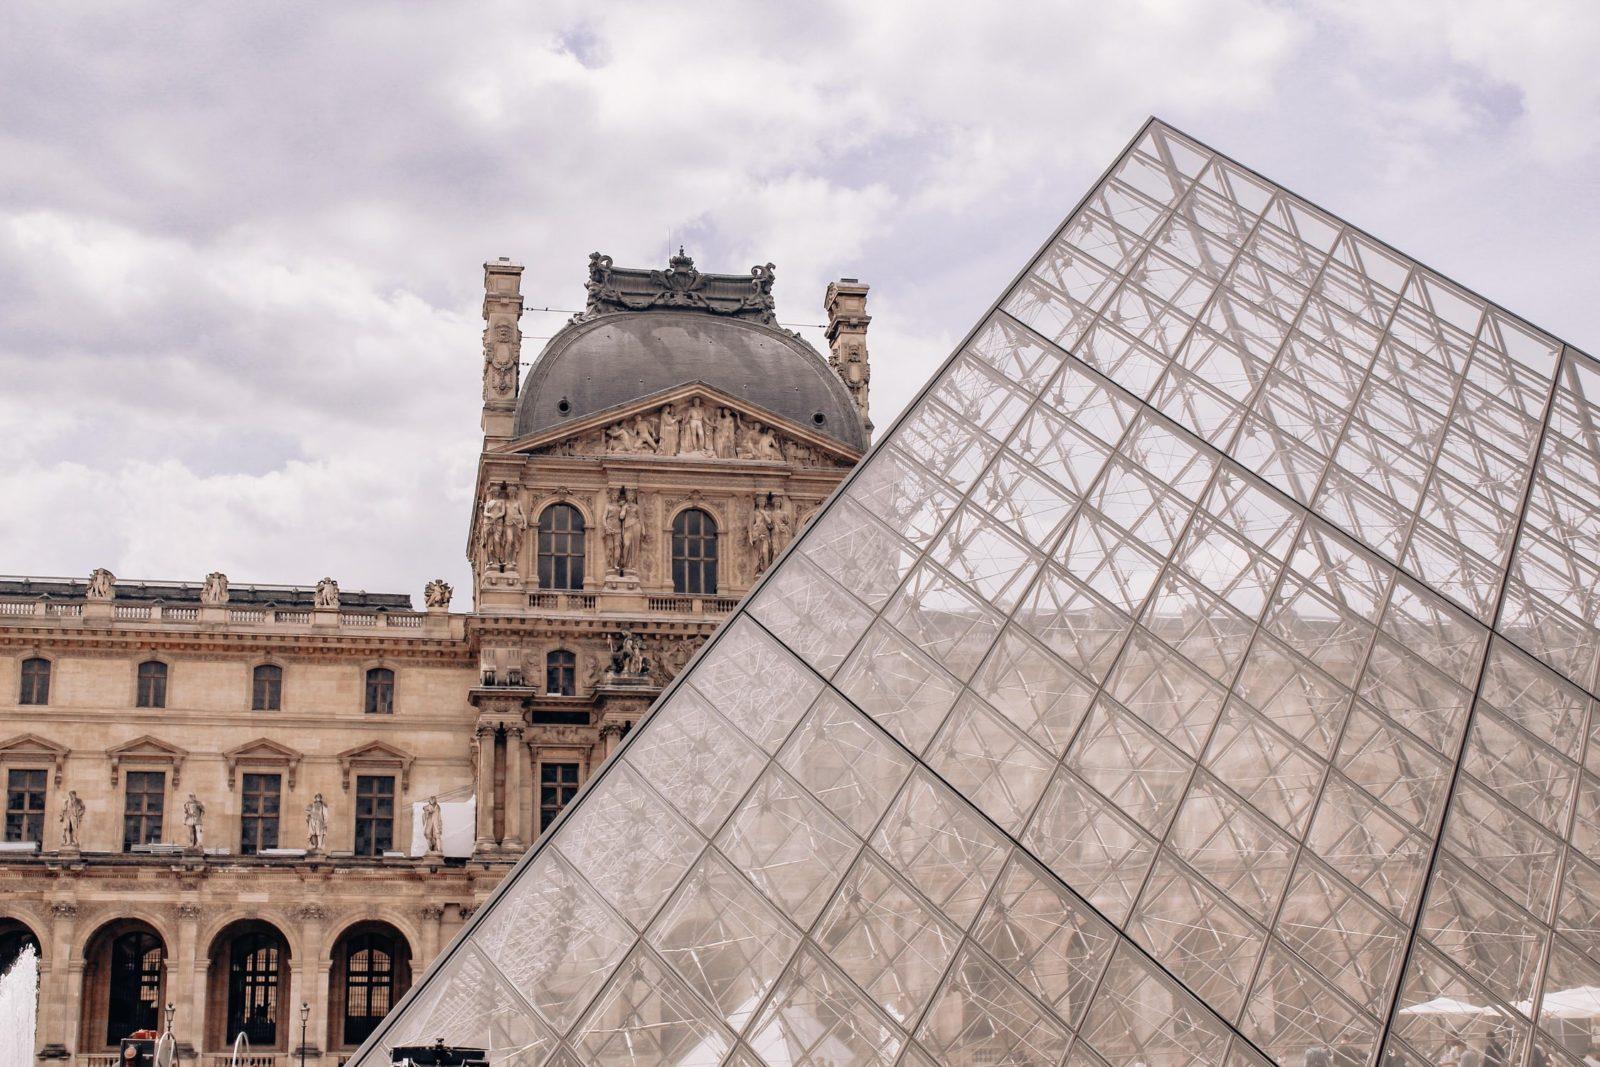 Musée Louvre Paris France Digital Culture Art